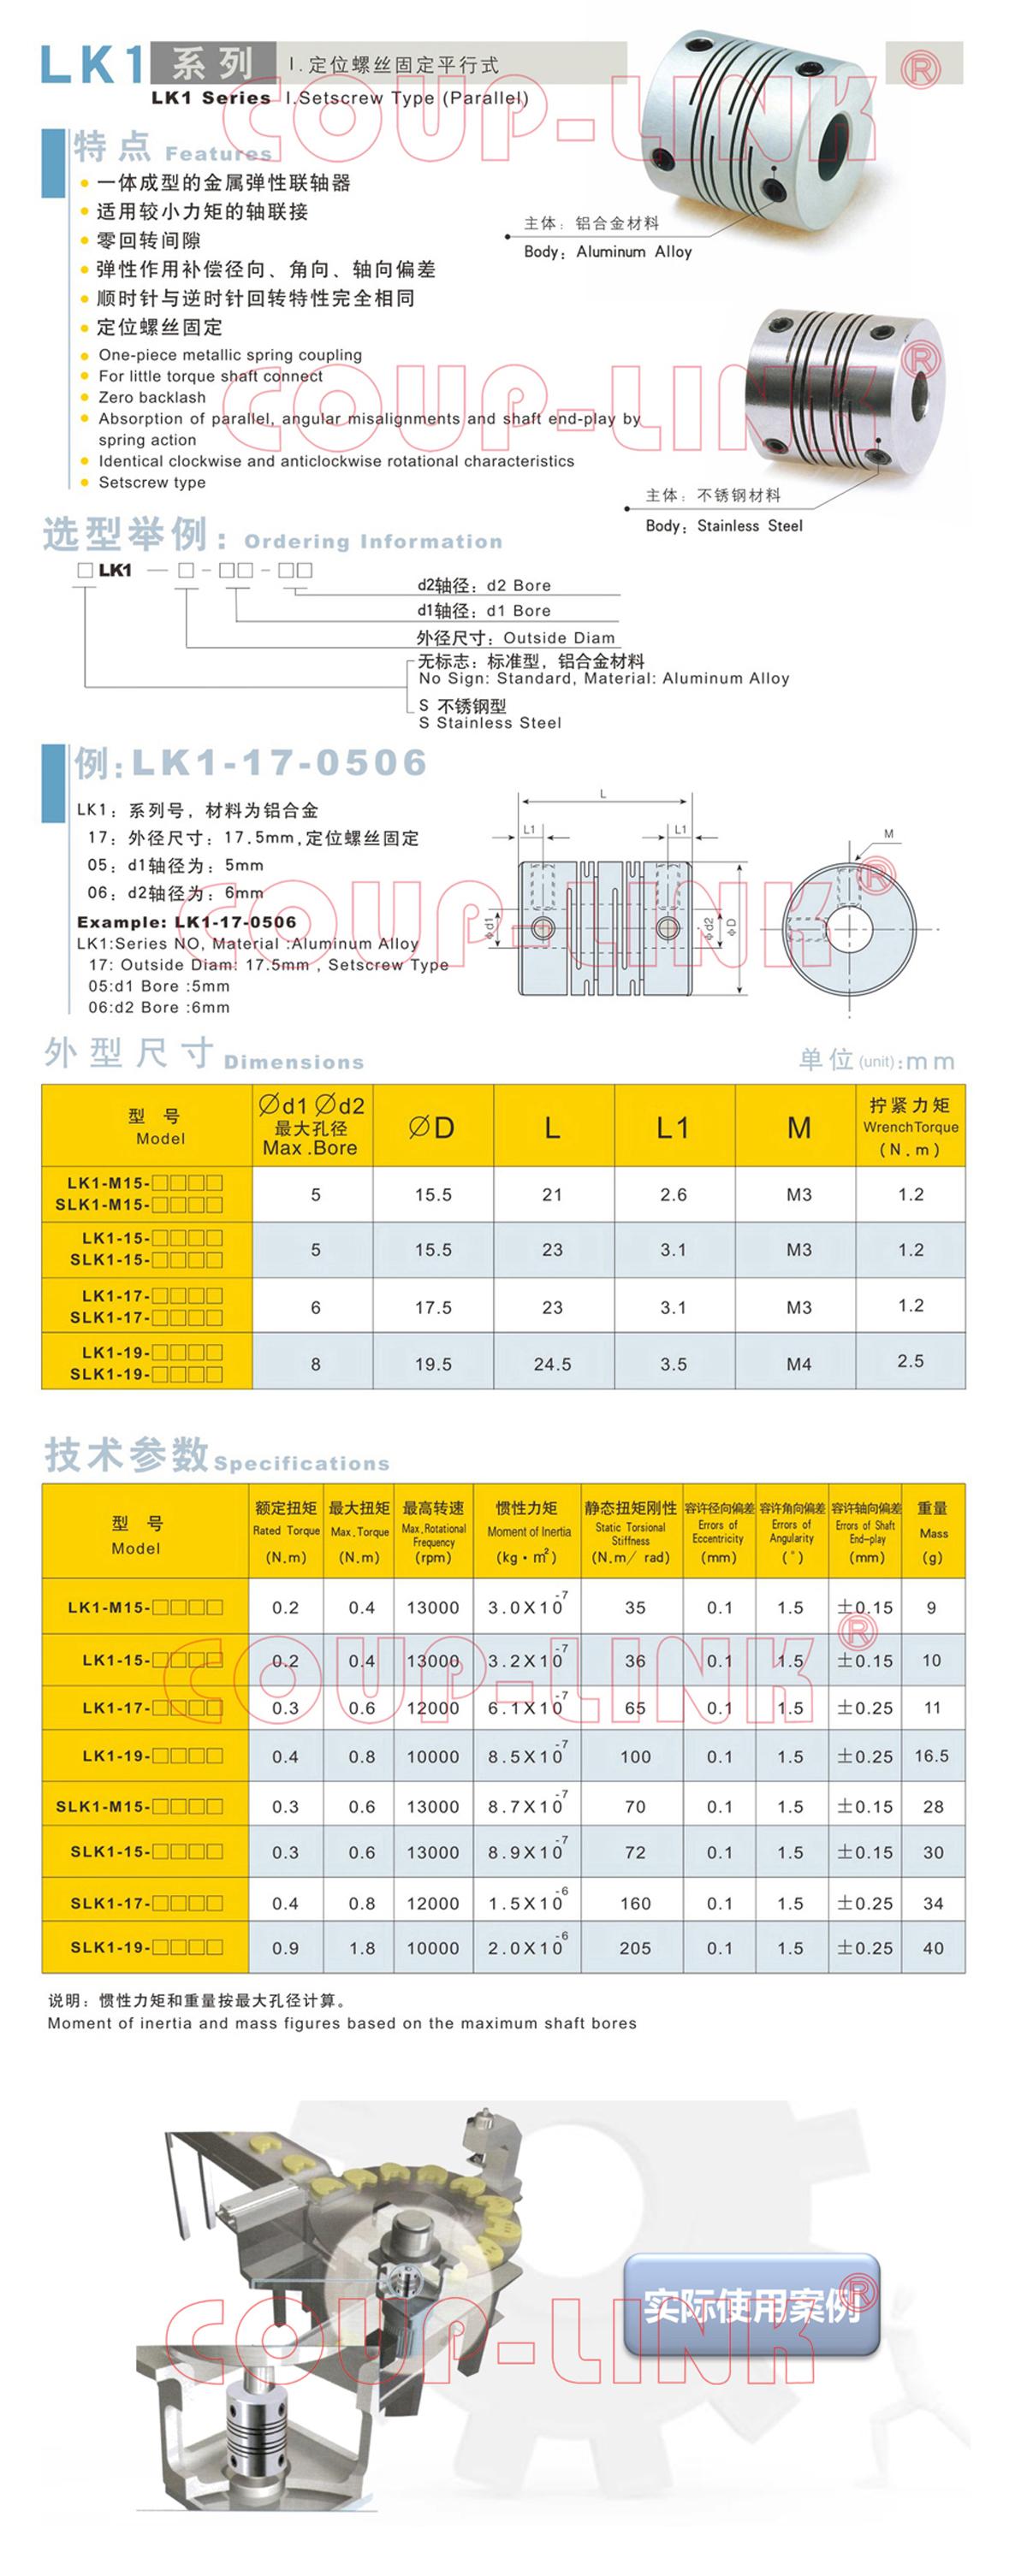 LK1系列 定位螺丝固定平行式联轴器_联轴器种类-广州菱科自动化设备有限公司